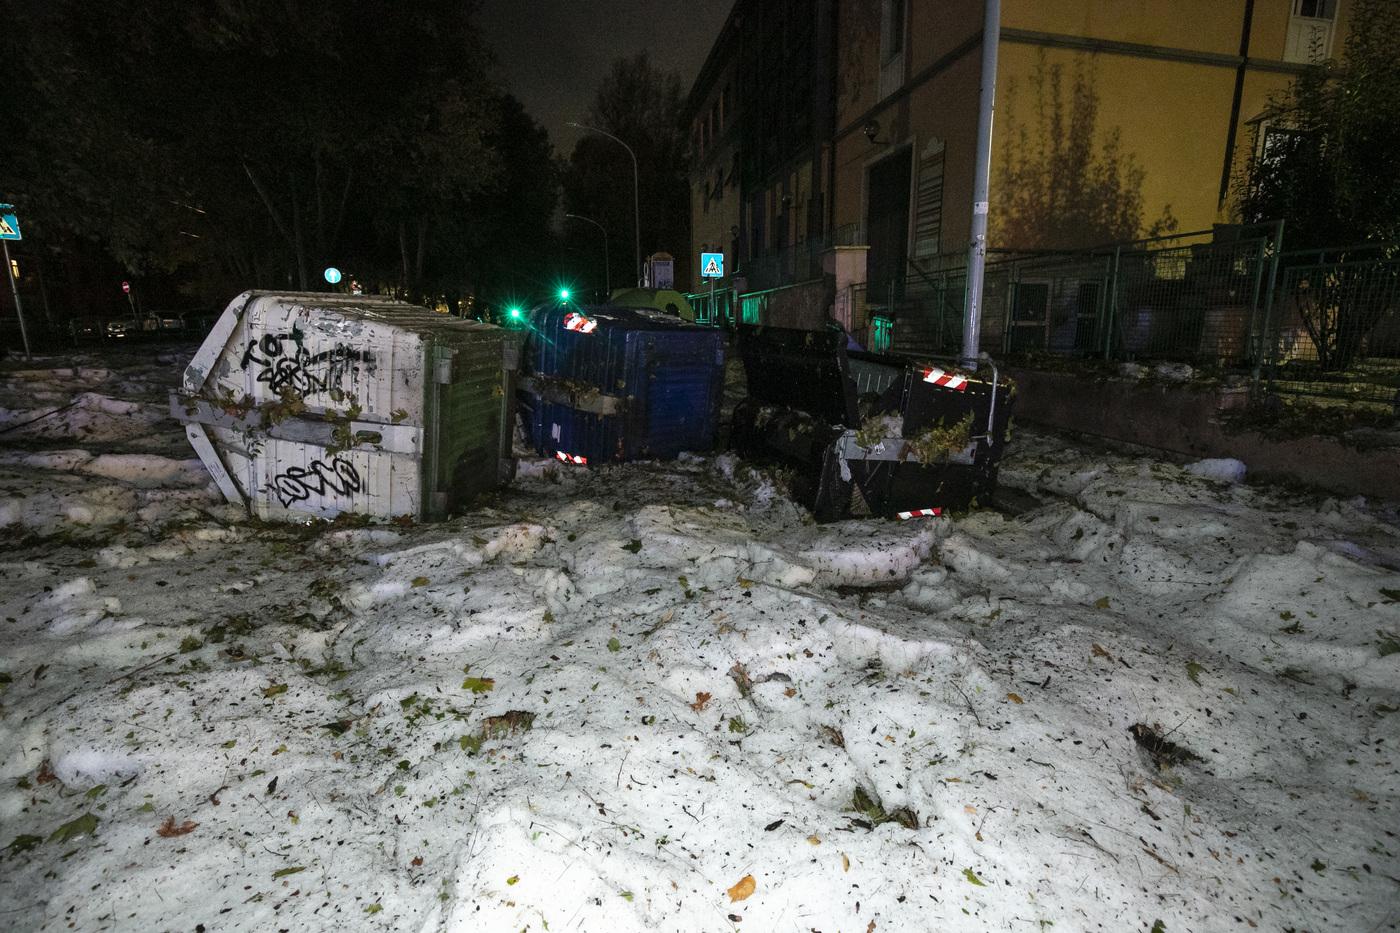 Maltempo calamit per l agricoltura italiana milioni di for Cittadinanza italiana tempi di attesa 2018